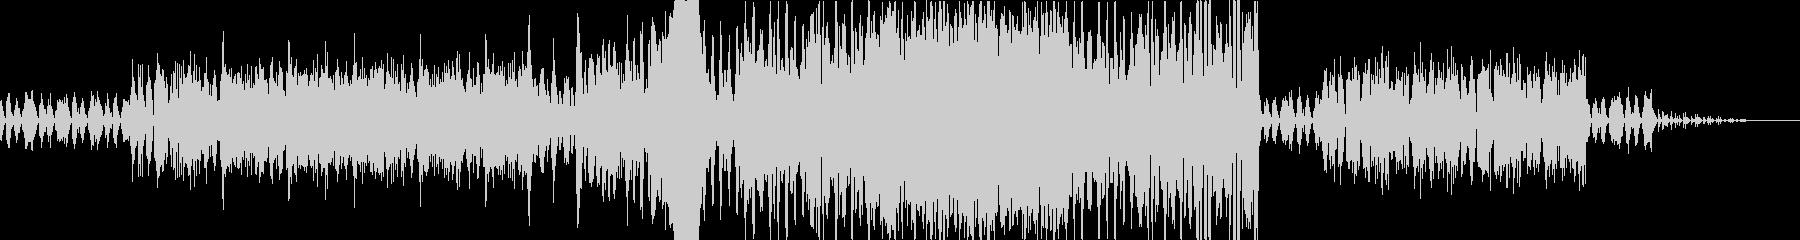 管弦楽によるダーク系BGMの未再生の波形